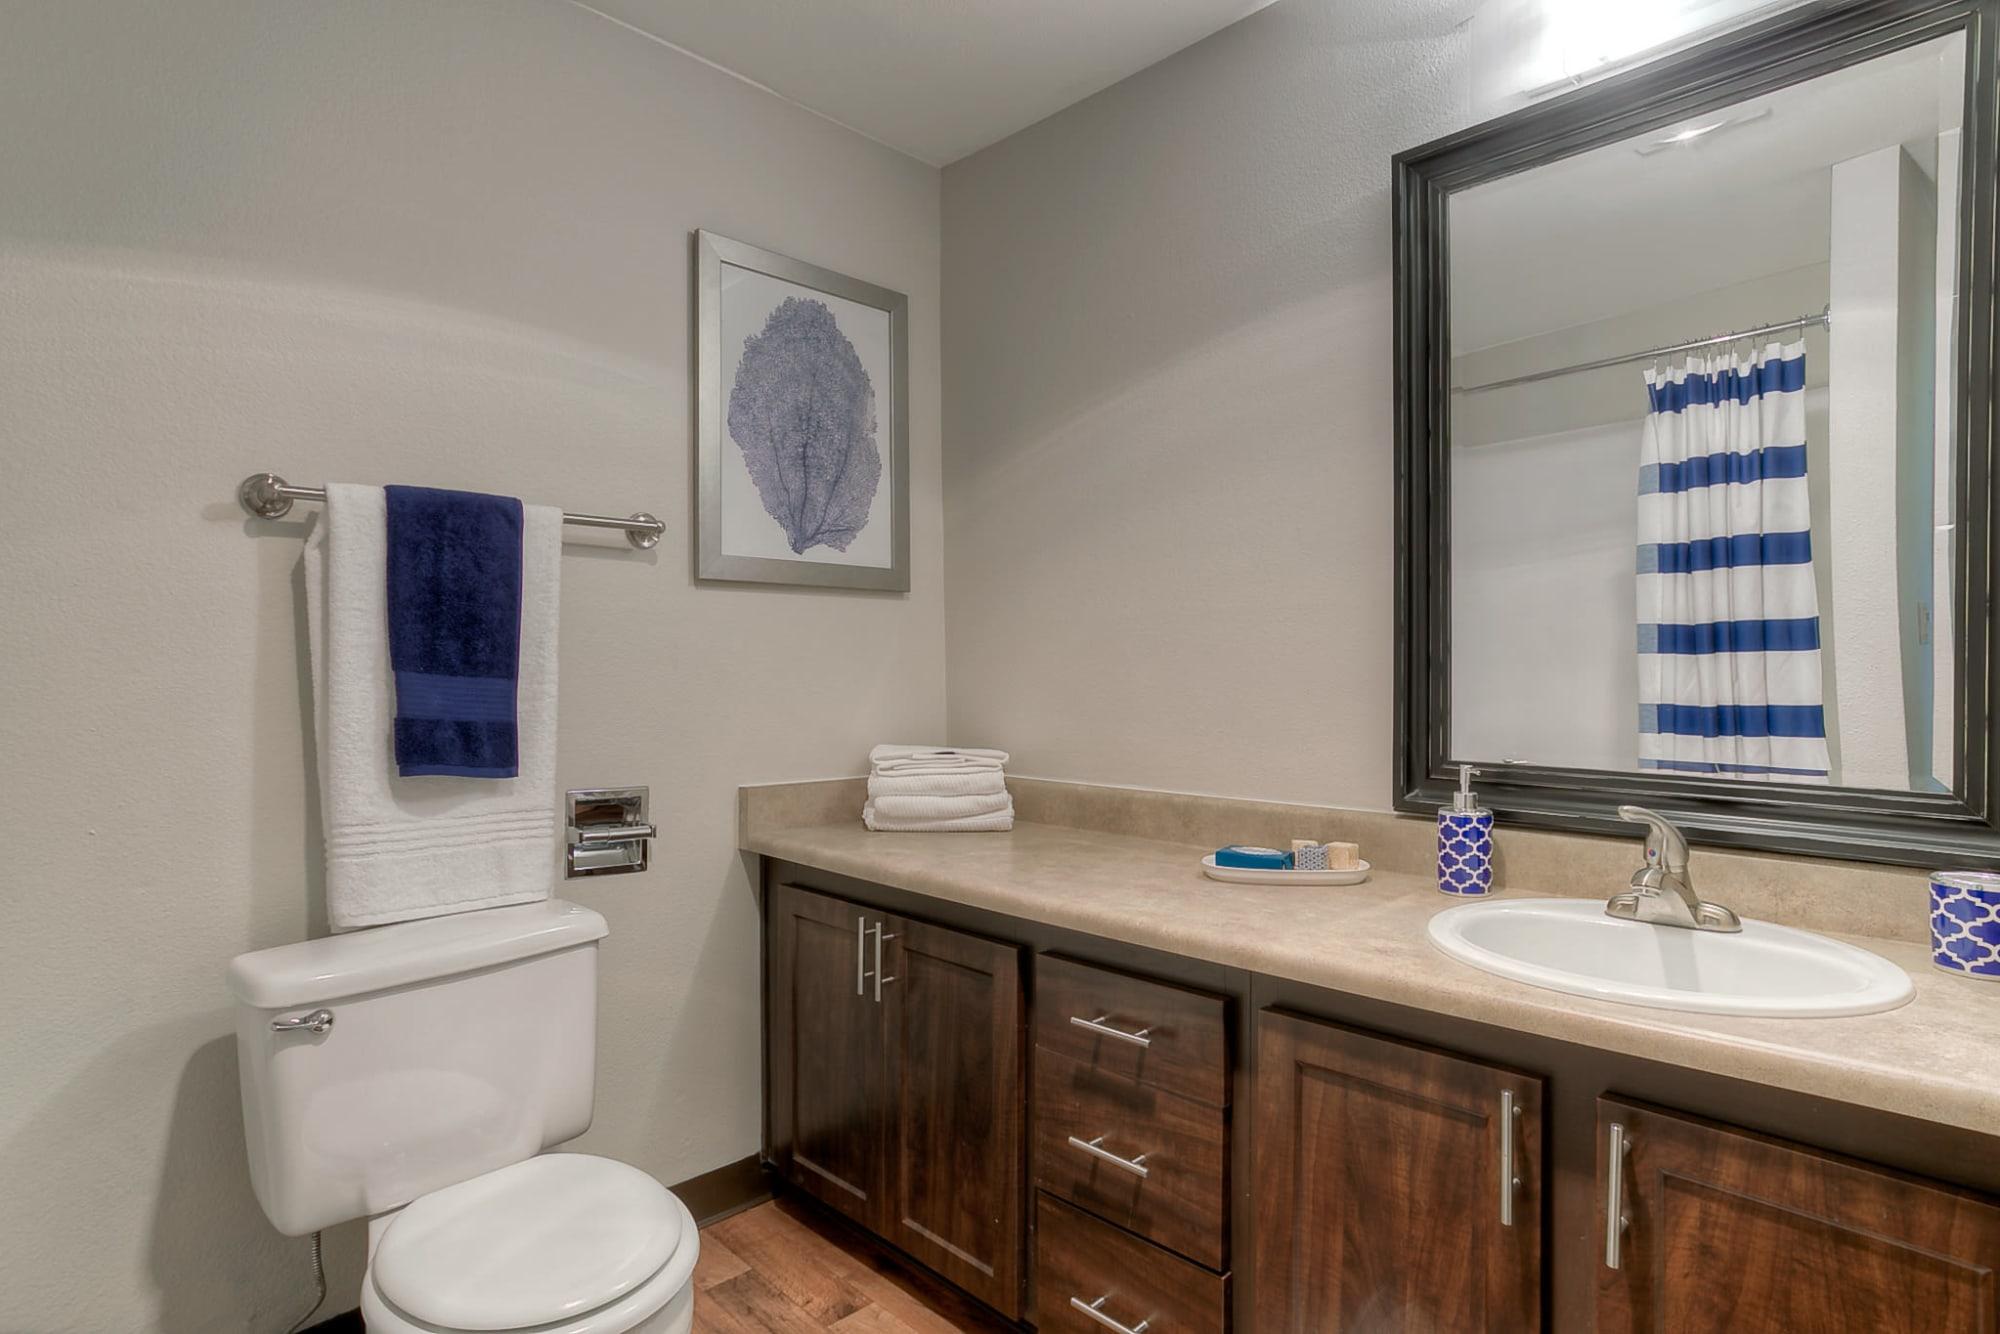 Bathroom at Newport Crossing Apartments